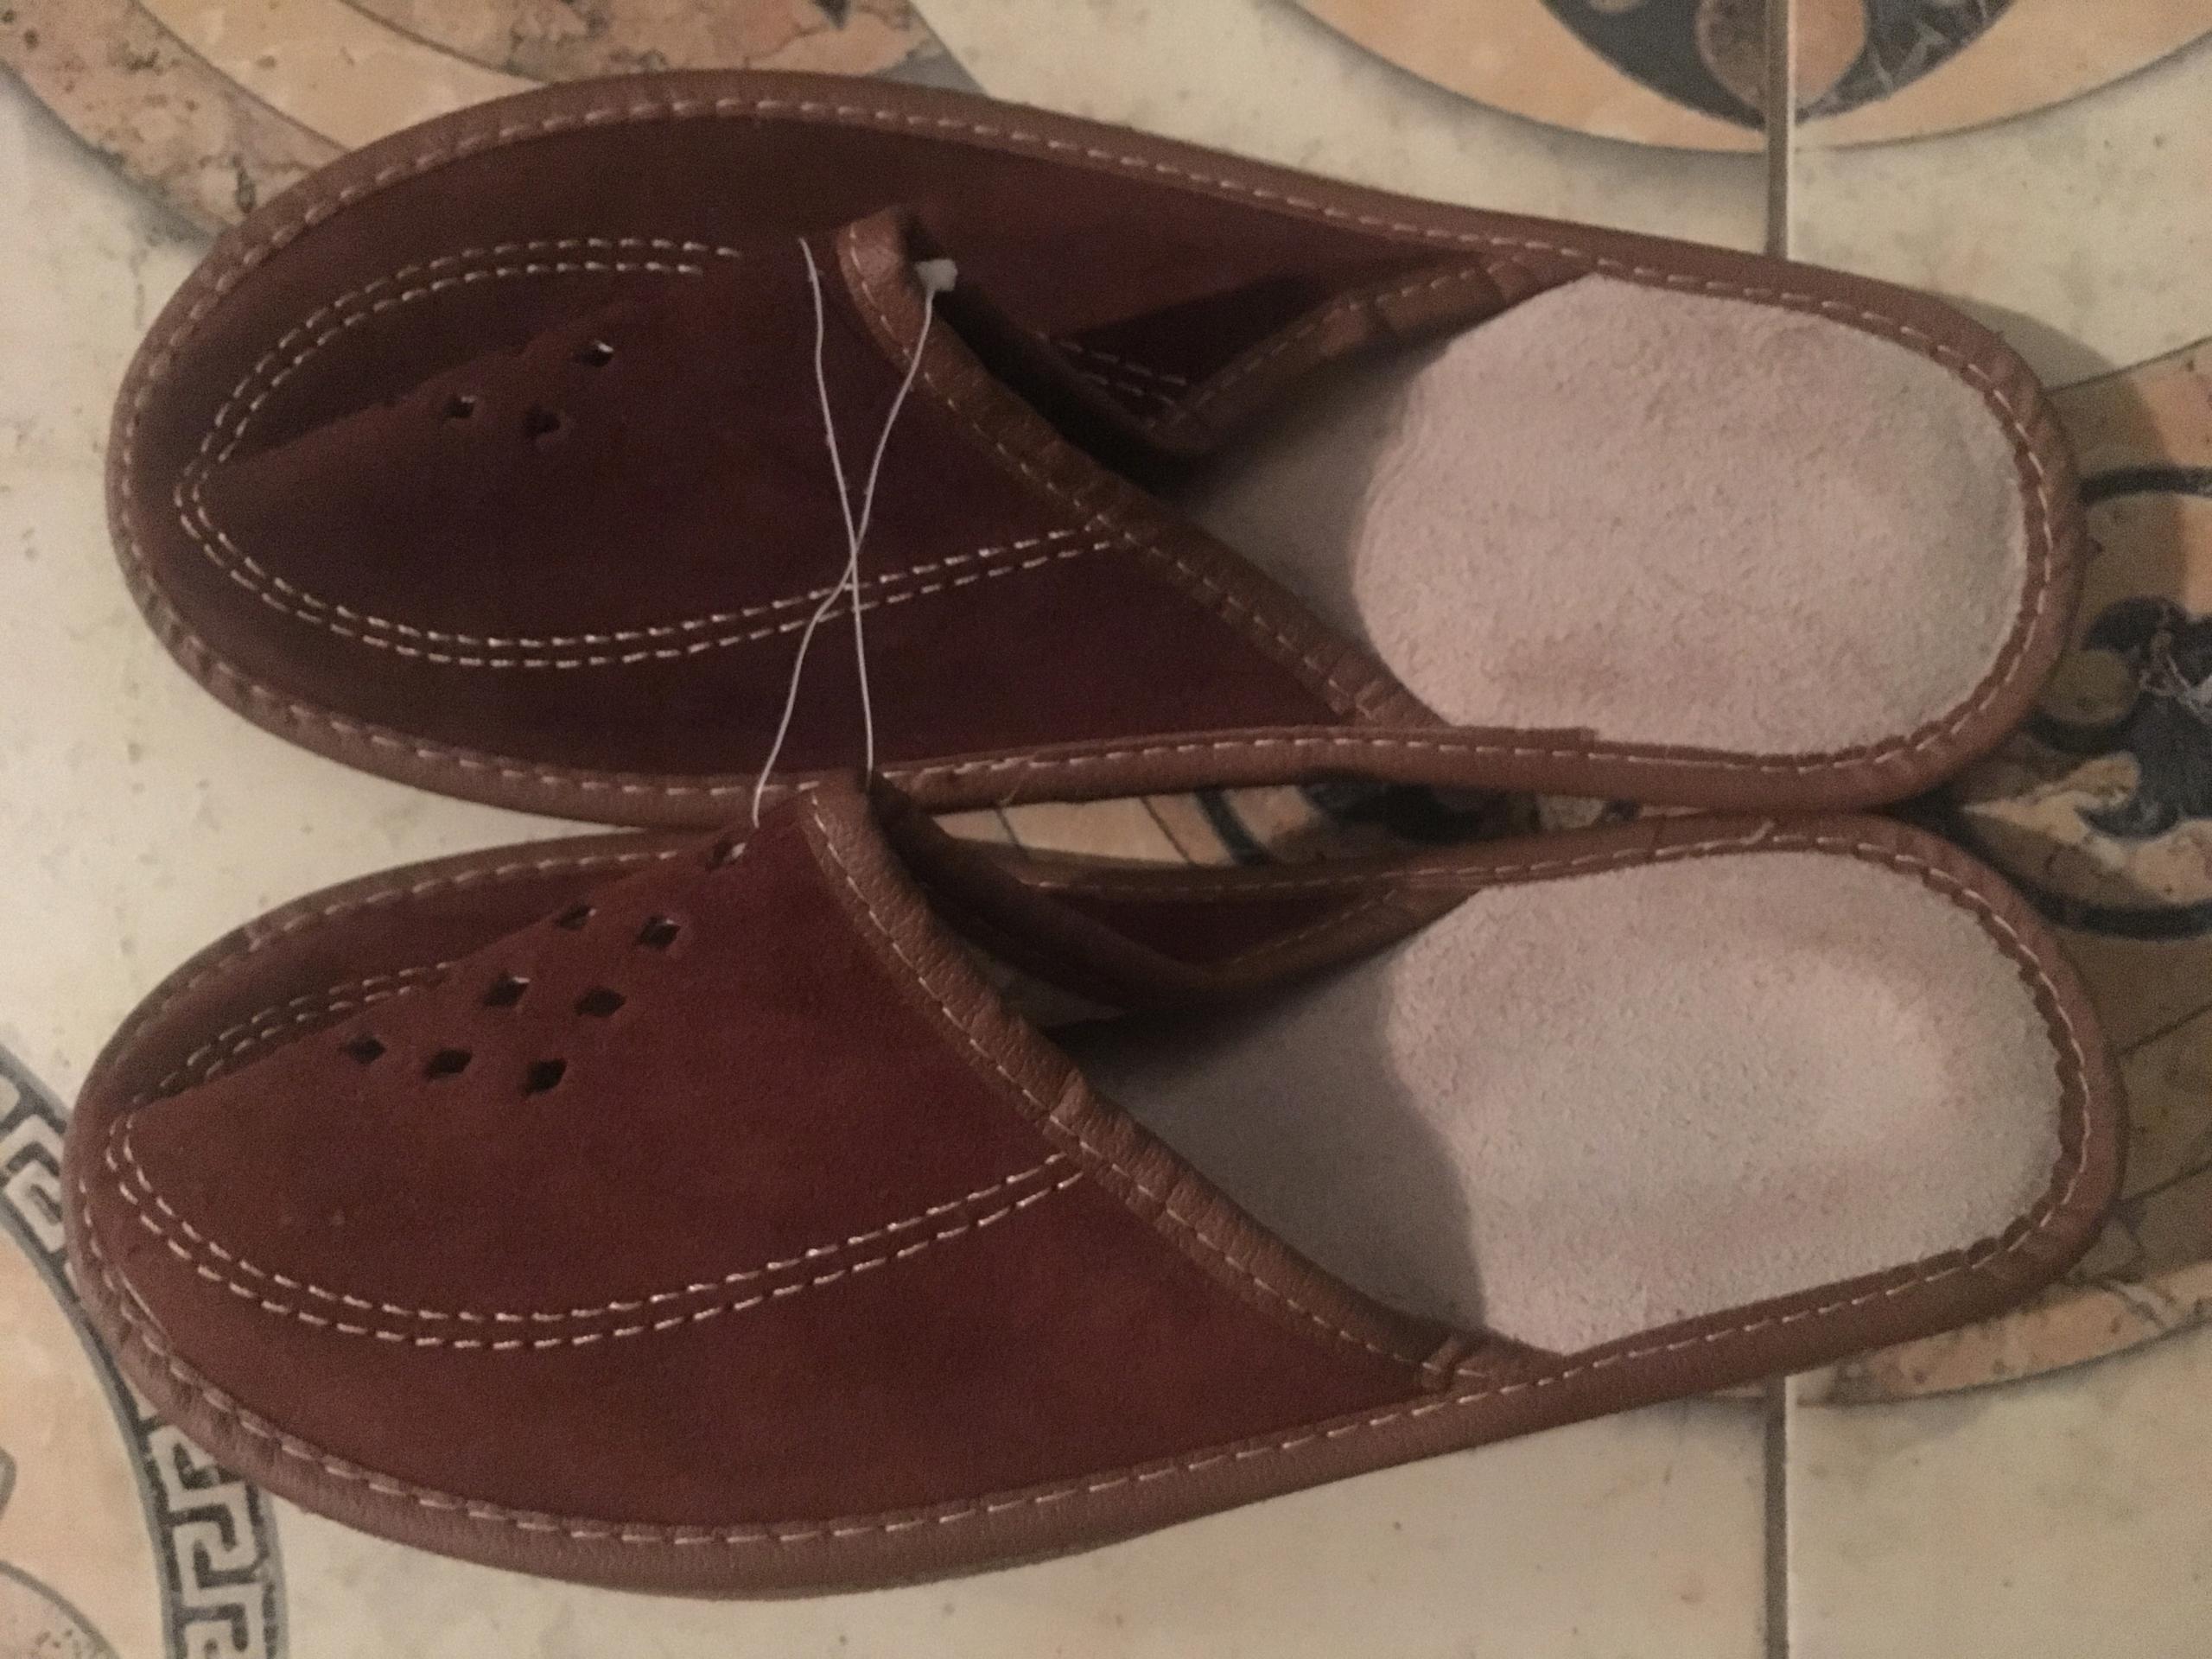 Kapcie/pantofle eko skora i skora 38 nowe BCM